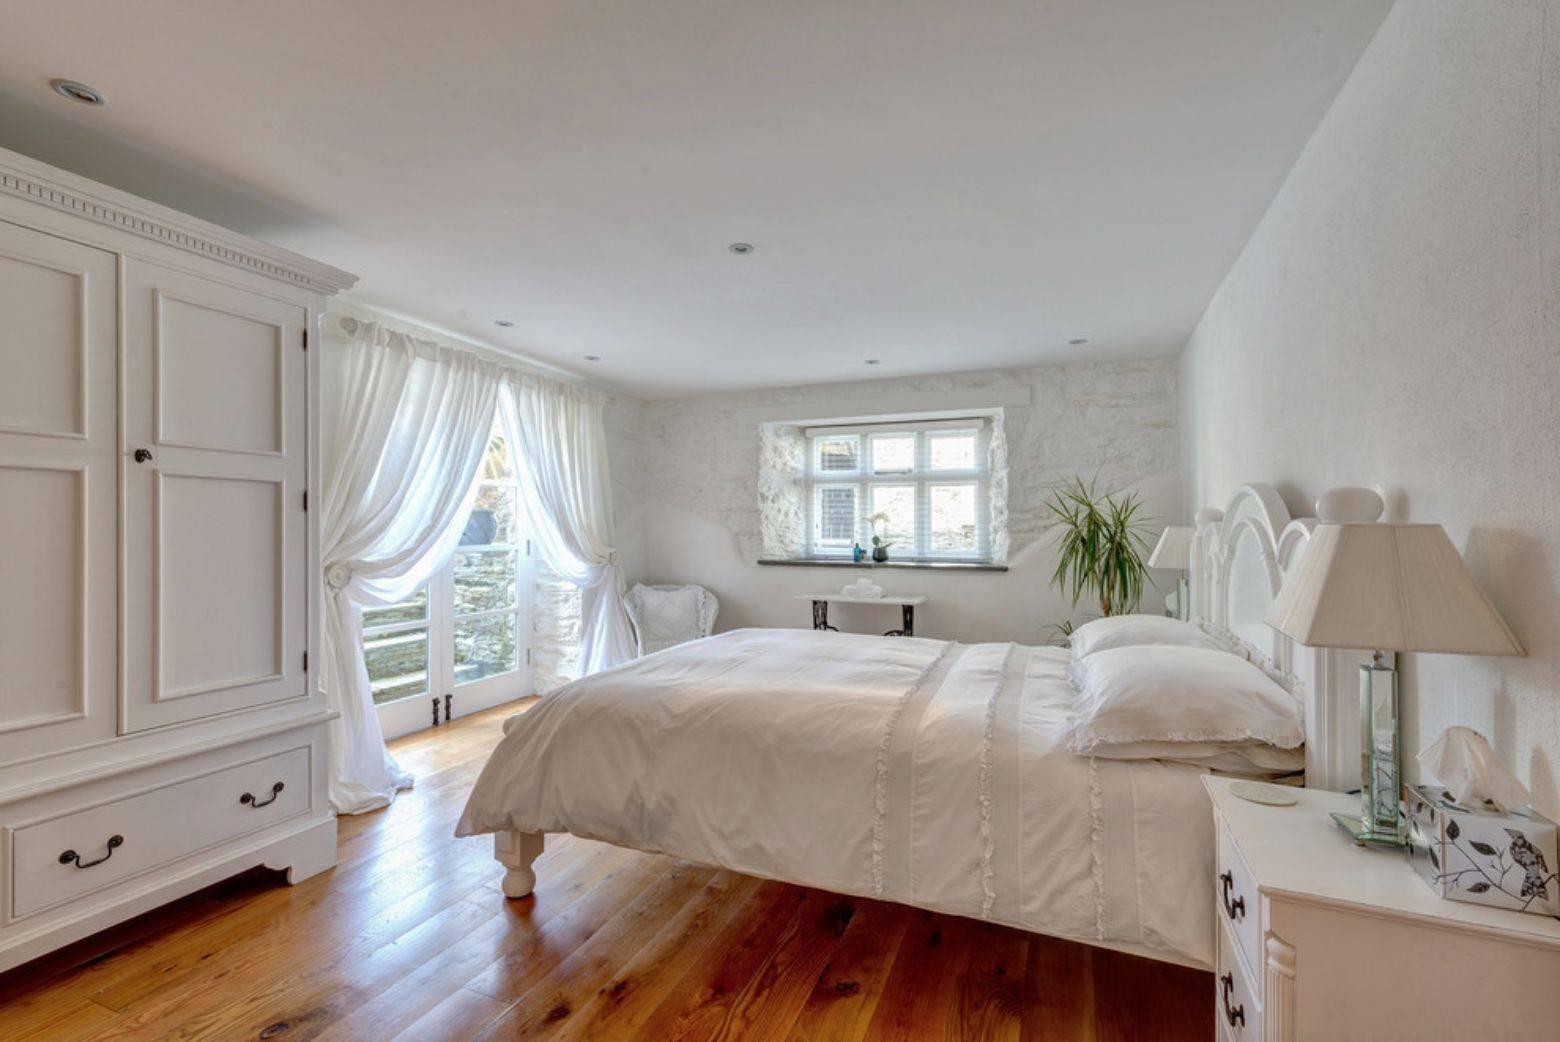 Дизайн маленькой спальни 2017 – 68 фото и идеи интерьера спальни | the architect